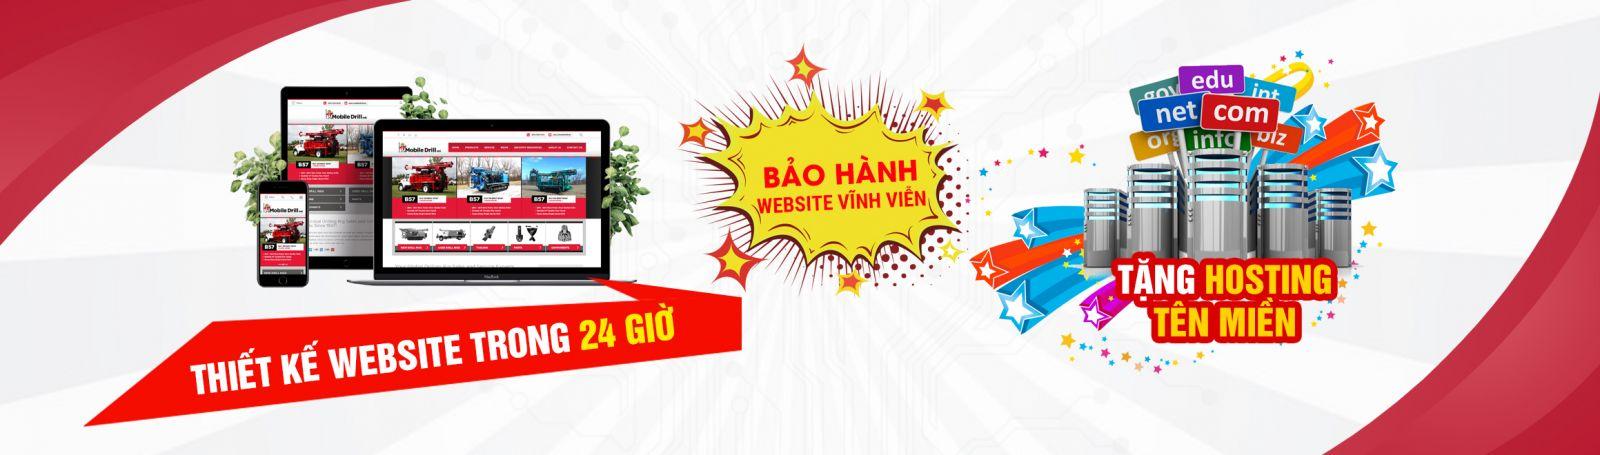 Thiết kế website giá rẻ 24h